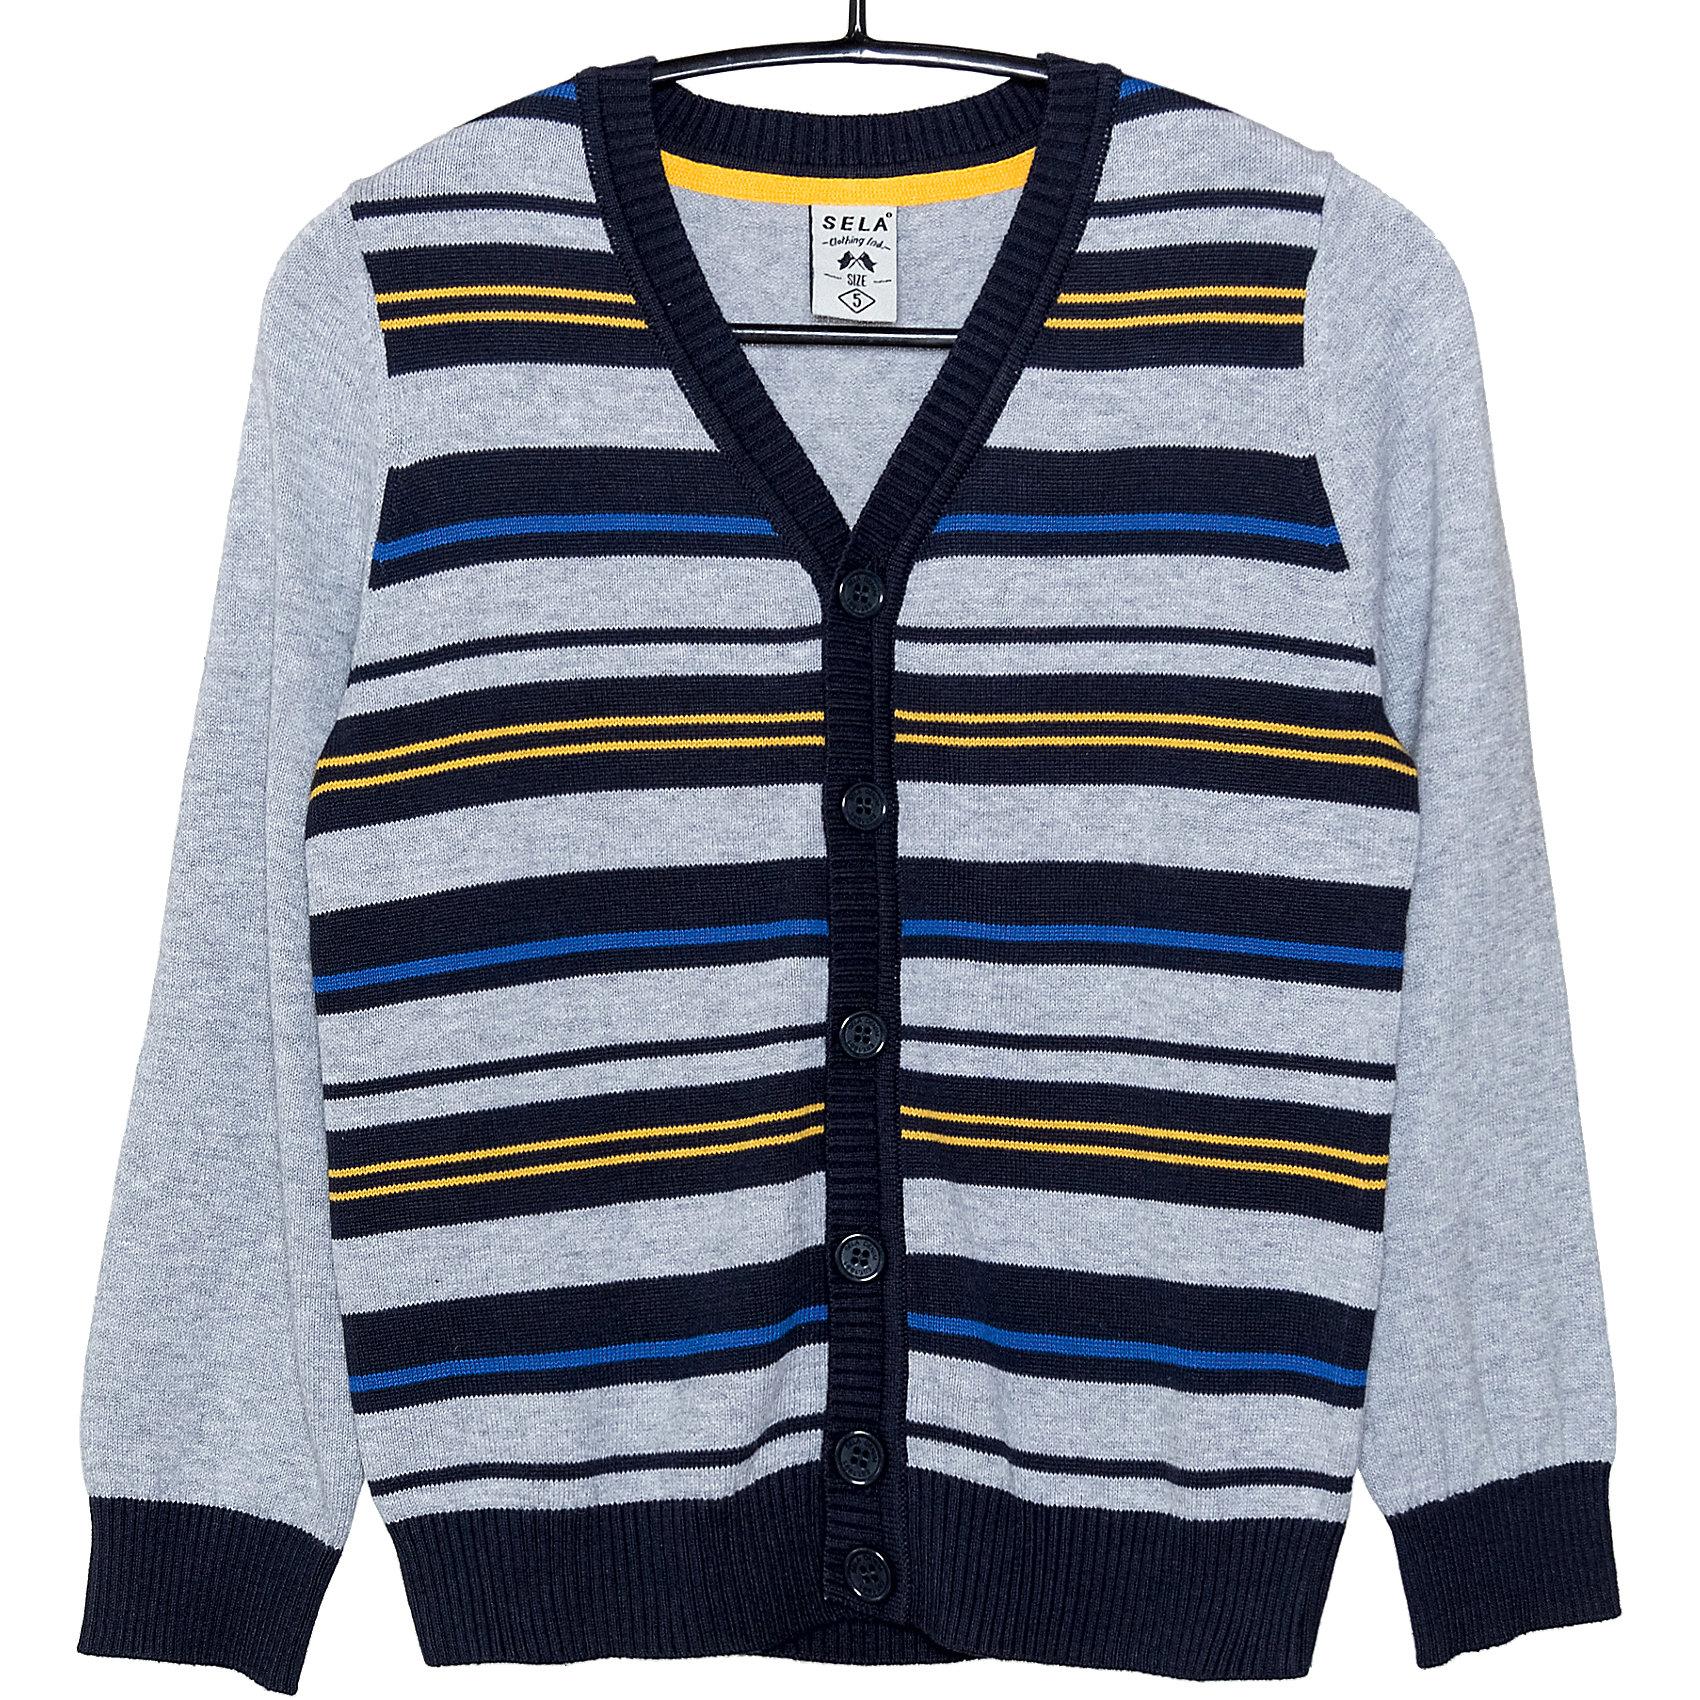 Кардиган для мальчика SELAСвитера и кардиганы<br>Детская одежда от SELA - это качественные модные вещи по привлекательным ценам. Данная модель относится к коллекции нового сезона, она учитывает последние тренды в моде, поэтому смотрится стильно, с ней можно создать множество ансамблей.<br>Этот жакет украшен вязаным рисунком. Рукава - длинные, силуэт классический, прямой. Резинки на рукавах и внизу изделия обеспечат ребенку тепло и удобство. Застегивается на пуговицы. Изделие сшито из тщательно подобранных материалов, абсолютно безопасных для ребенка.<br><br><br>Дополнительная информация:<br><br>цвет: серый;<br>состав: 100% хлопок;<br>резинки на рукавах и внизу изделия;<br>украшен вязаным рисунком;<br>пуговицы;<br>рукава длинные.<br><br>Жакет для мальчика от компании SELA можно купить в нашем магазине.<br><br>Ширина мм: 190<br>Глубина мм: 74<br>Высота мм: 229<br>Вес г: 236<br>Цвет: серый<br>Возраст от месяцев: 36<br>Возраст до месяцев: 48<br>Пол: Мужской<br>Возраст: Детский<br>Размер: 104,116,110,98,92<br>SKU: 4912953